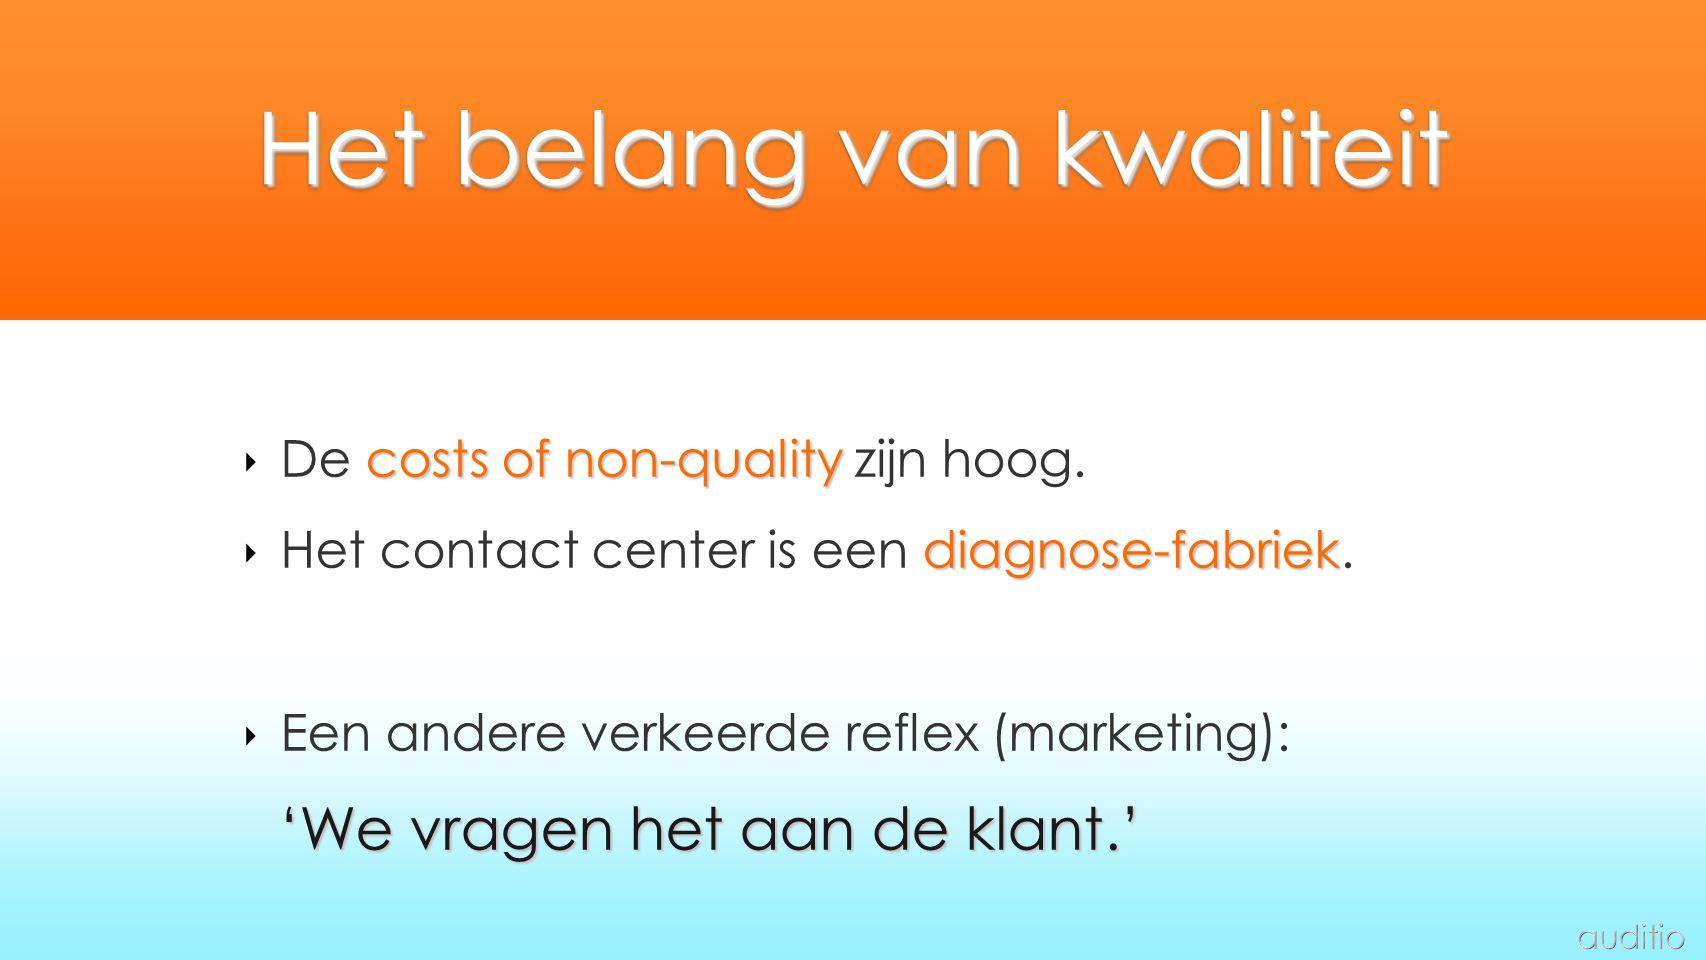 Het belang van kwaliteit costs of non-quality ‣ De costs of non-quality zijn hoog.